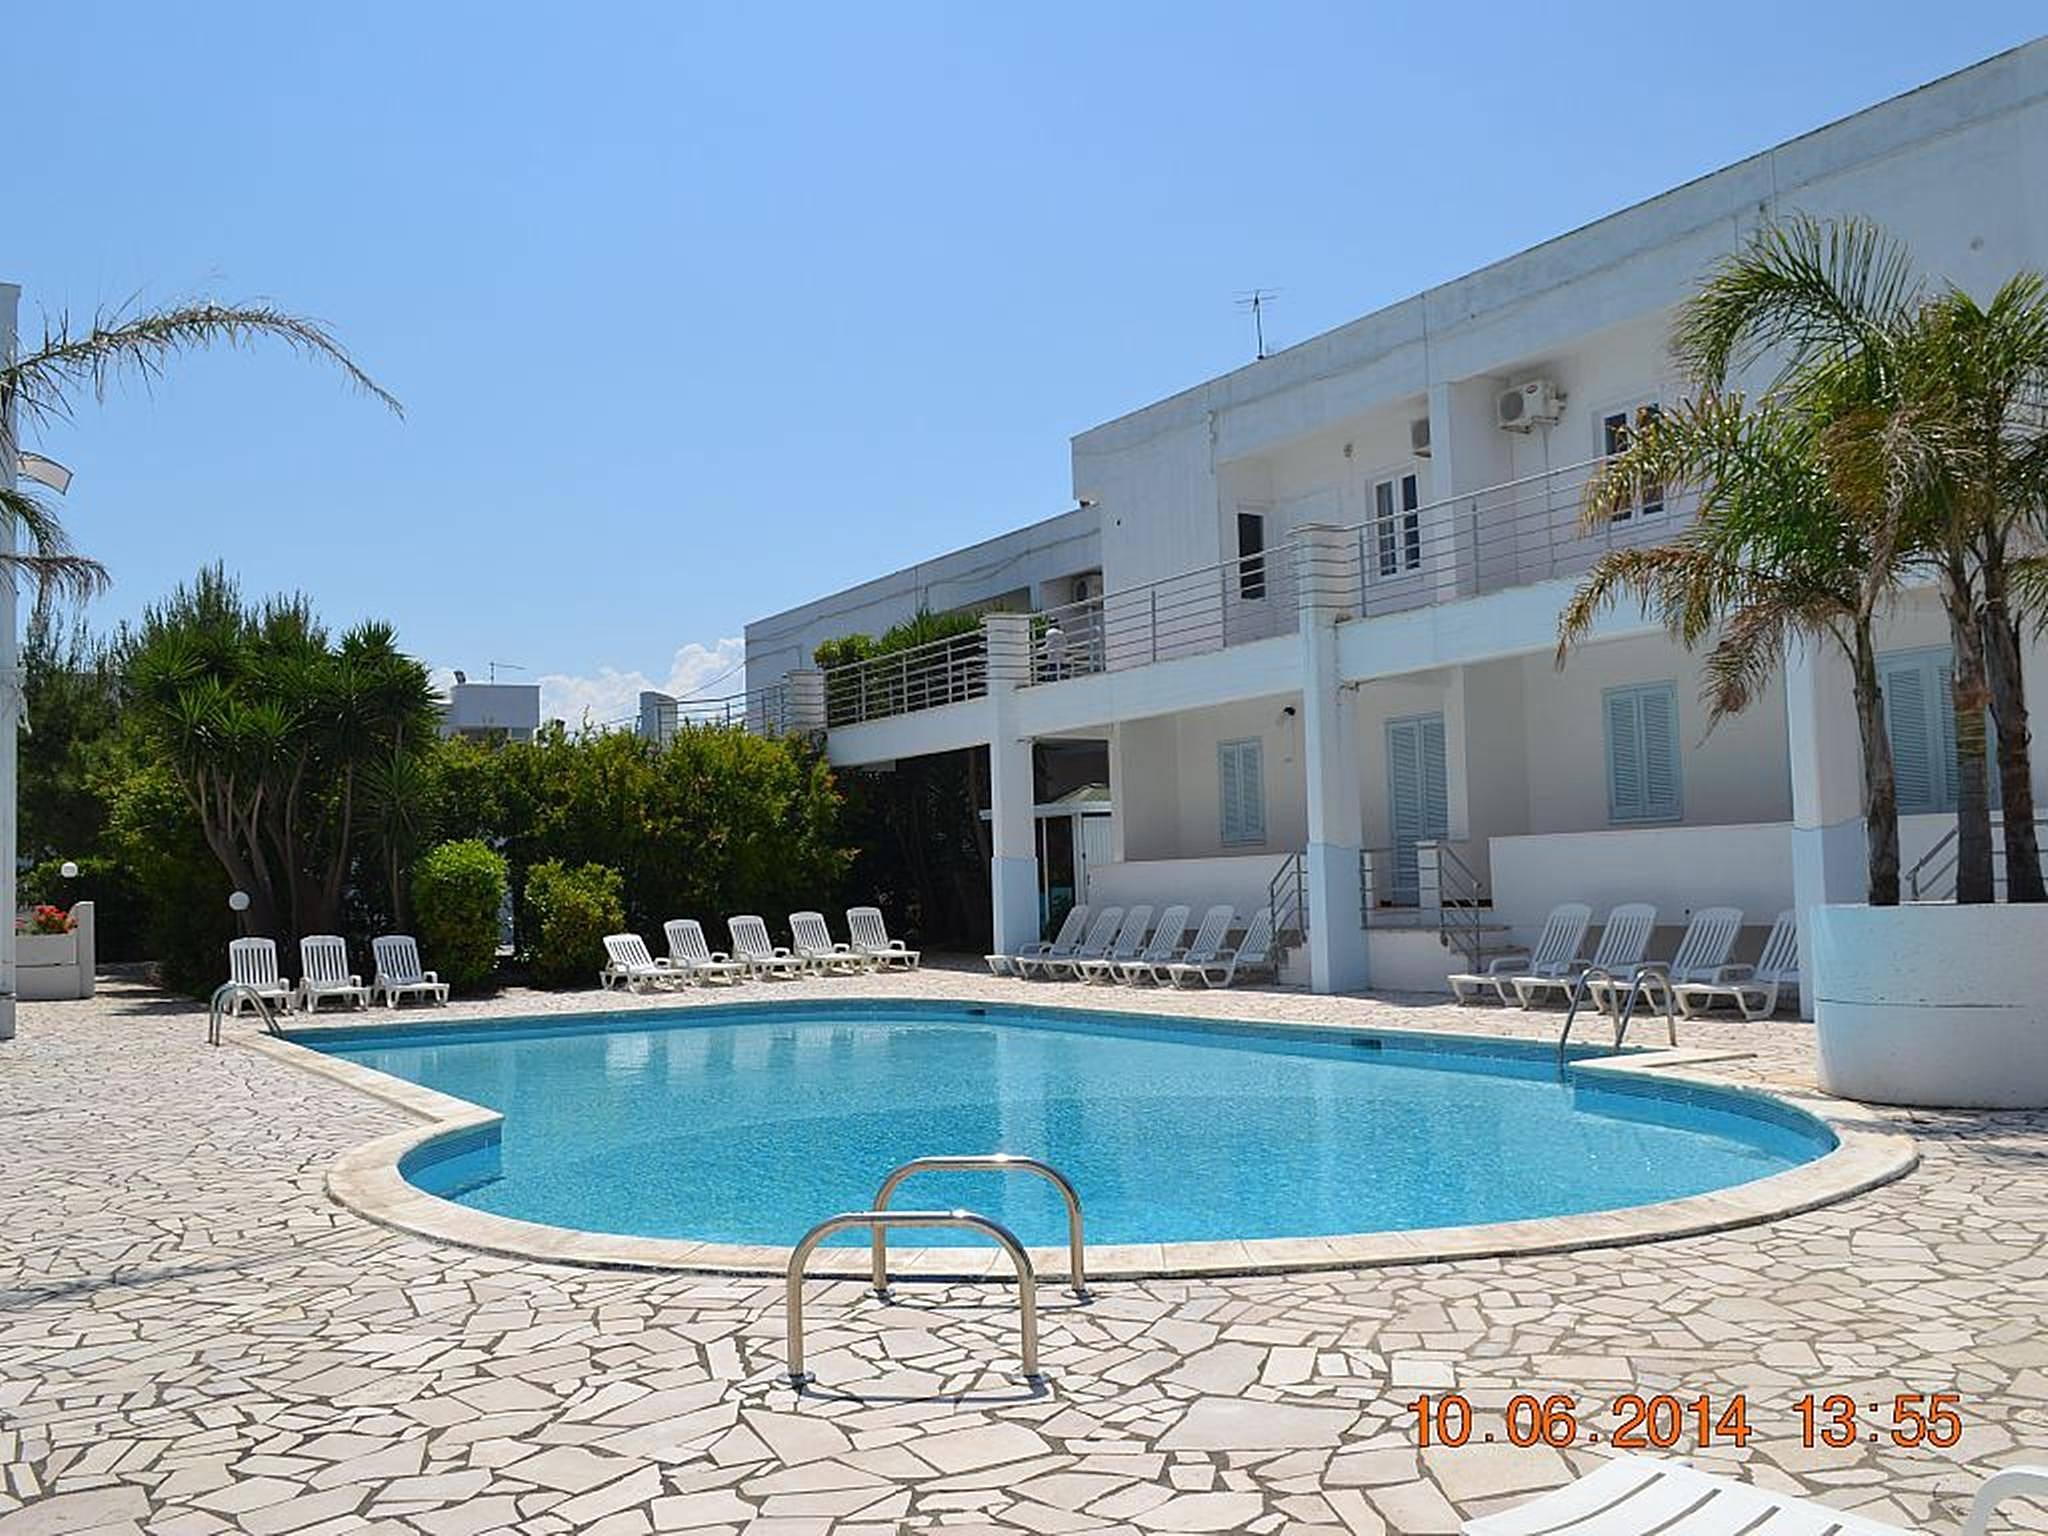 Appartamento in affitto a 650 m dalla spiaggia villanova for Case in affitto a brindisi arredate